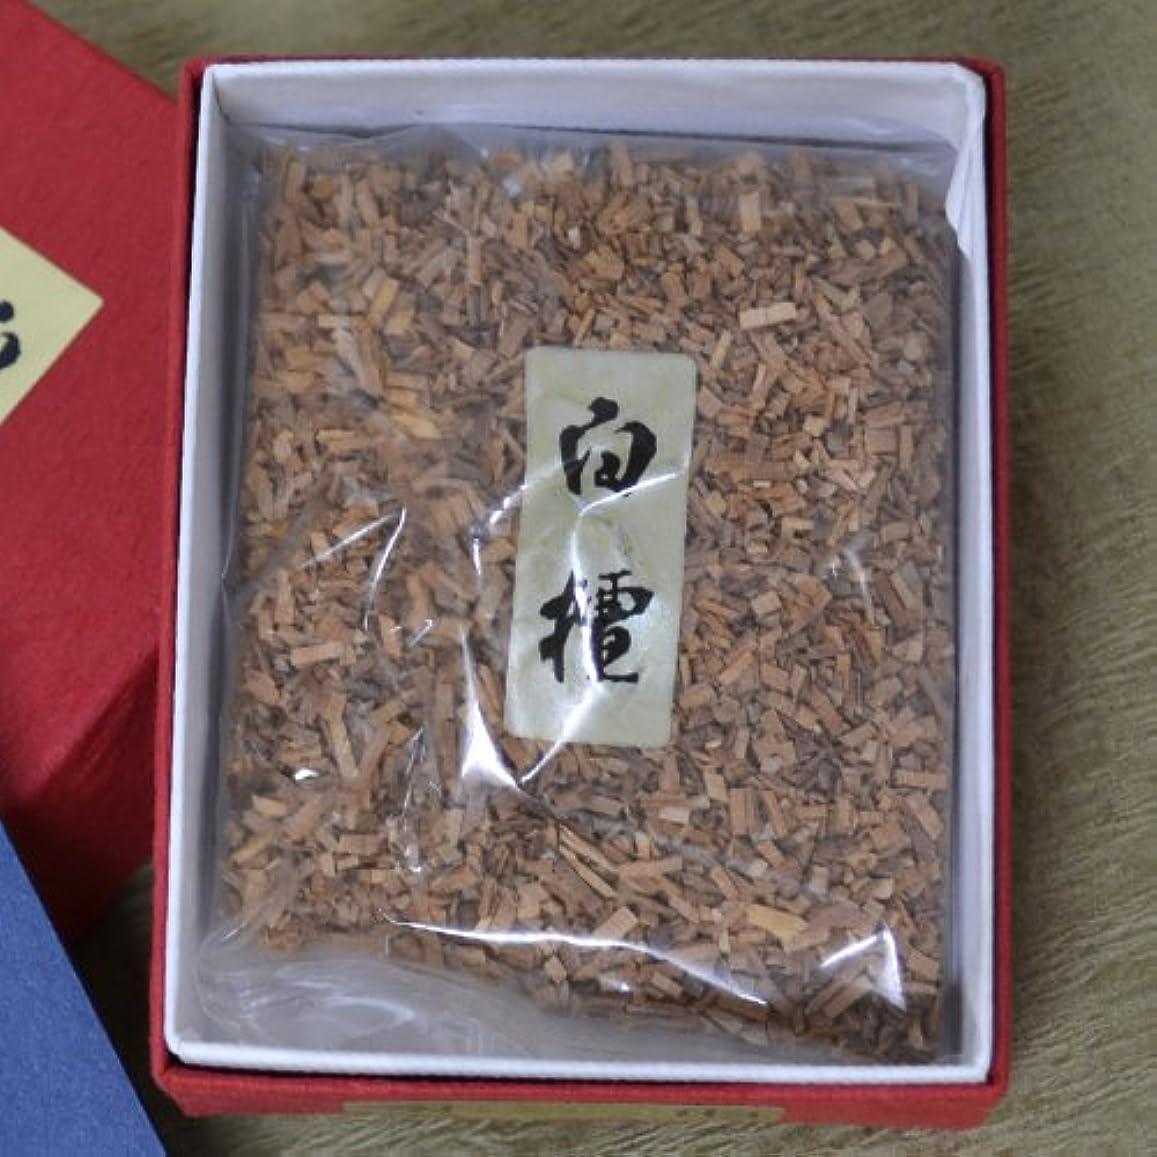 追うスピーカー韻香木 お焼香 老山白檀 インド産 【最高級品】 20g